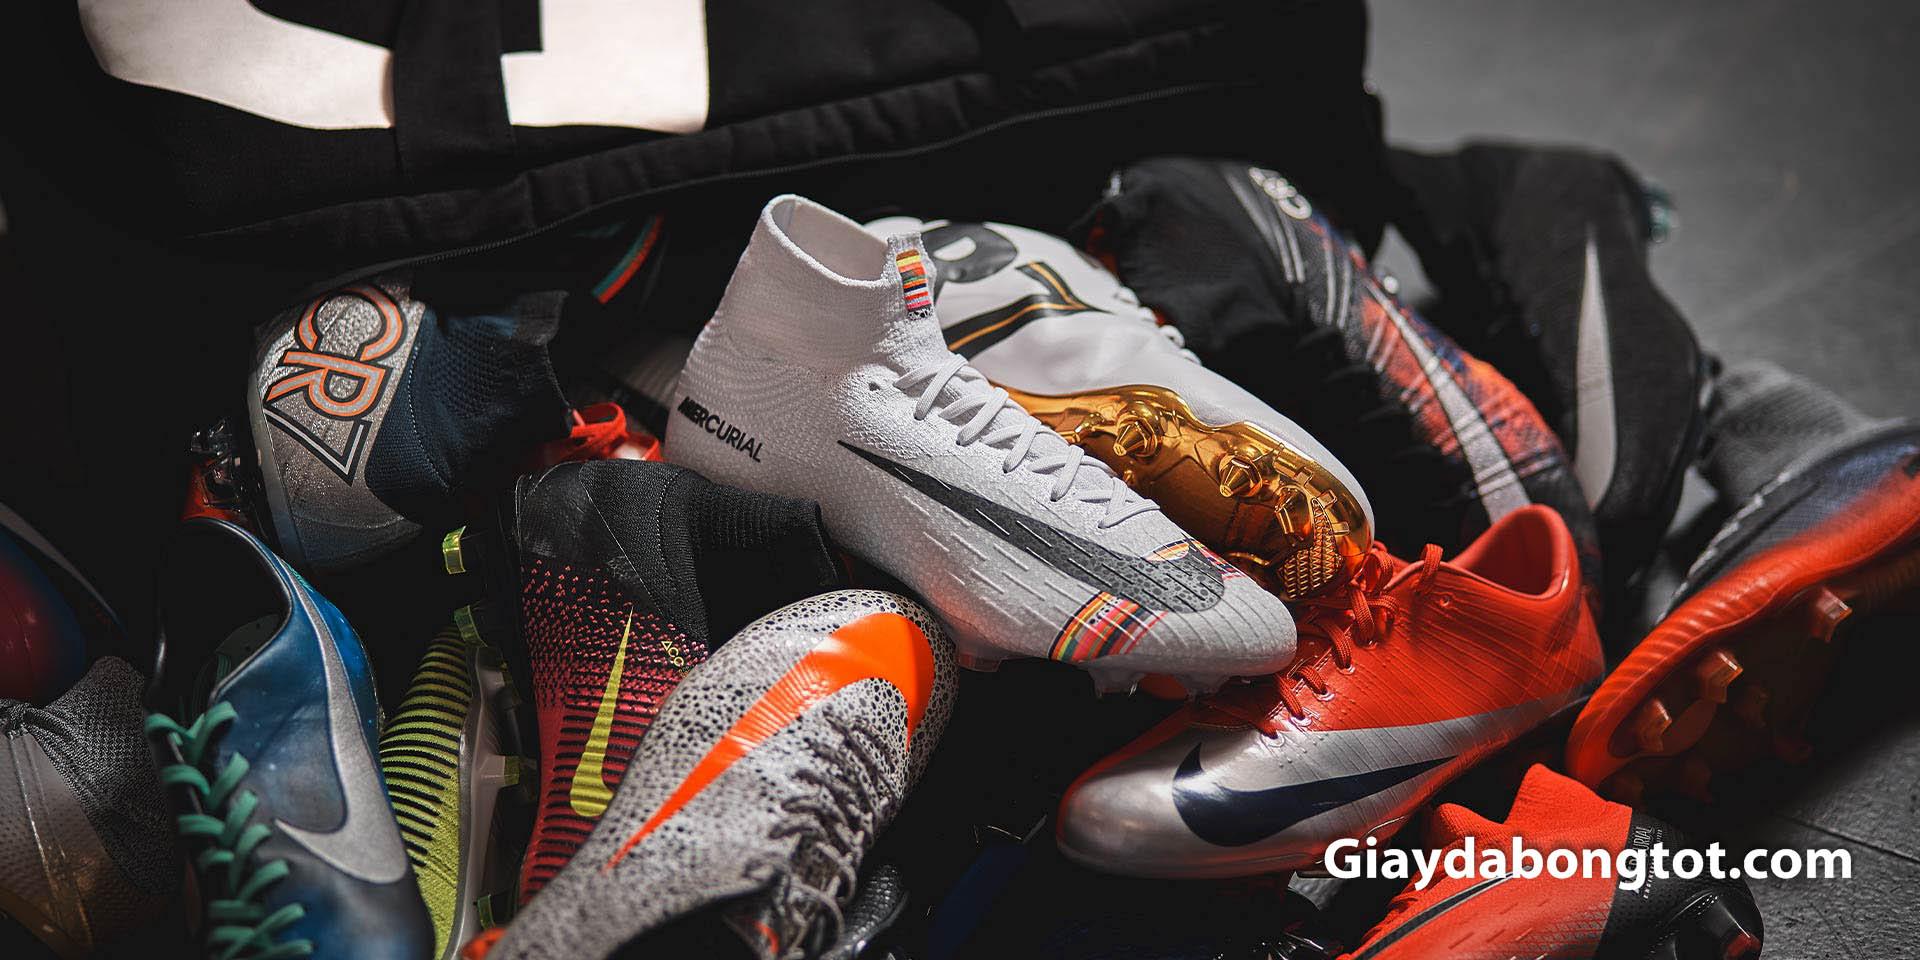 Năm 2020 dòng giày Nike Mercurial ra mắt rất nhiều gam màu đẹp mắt.